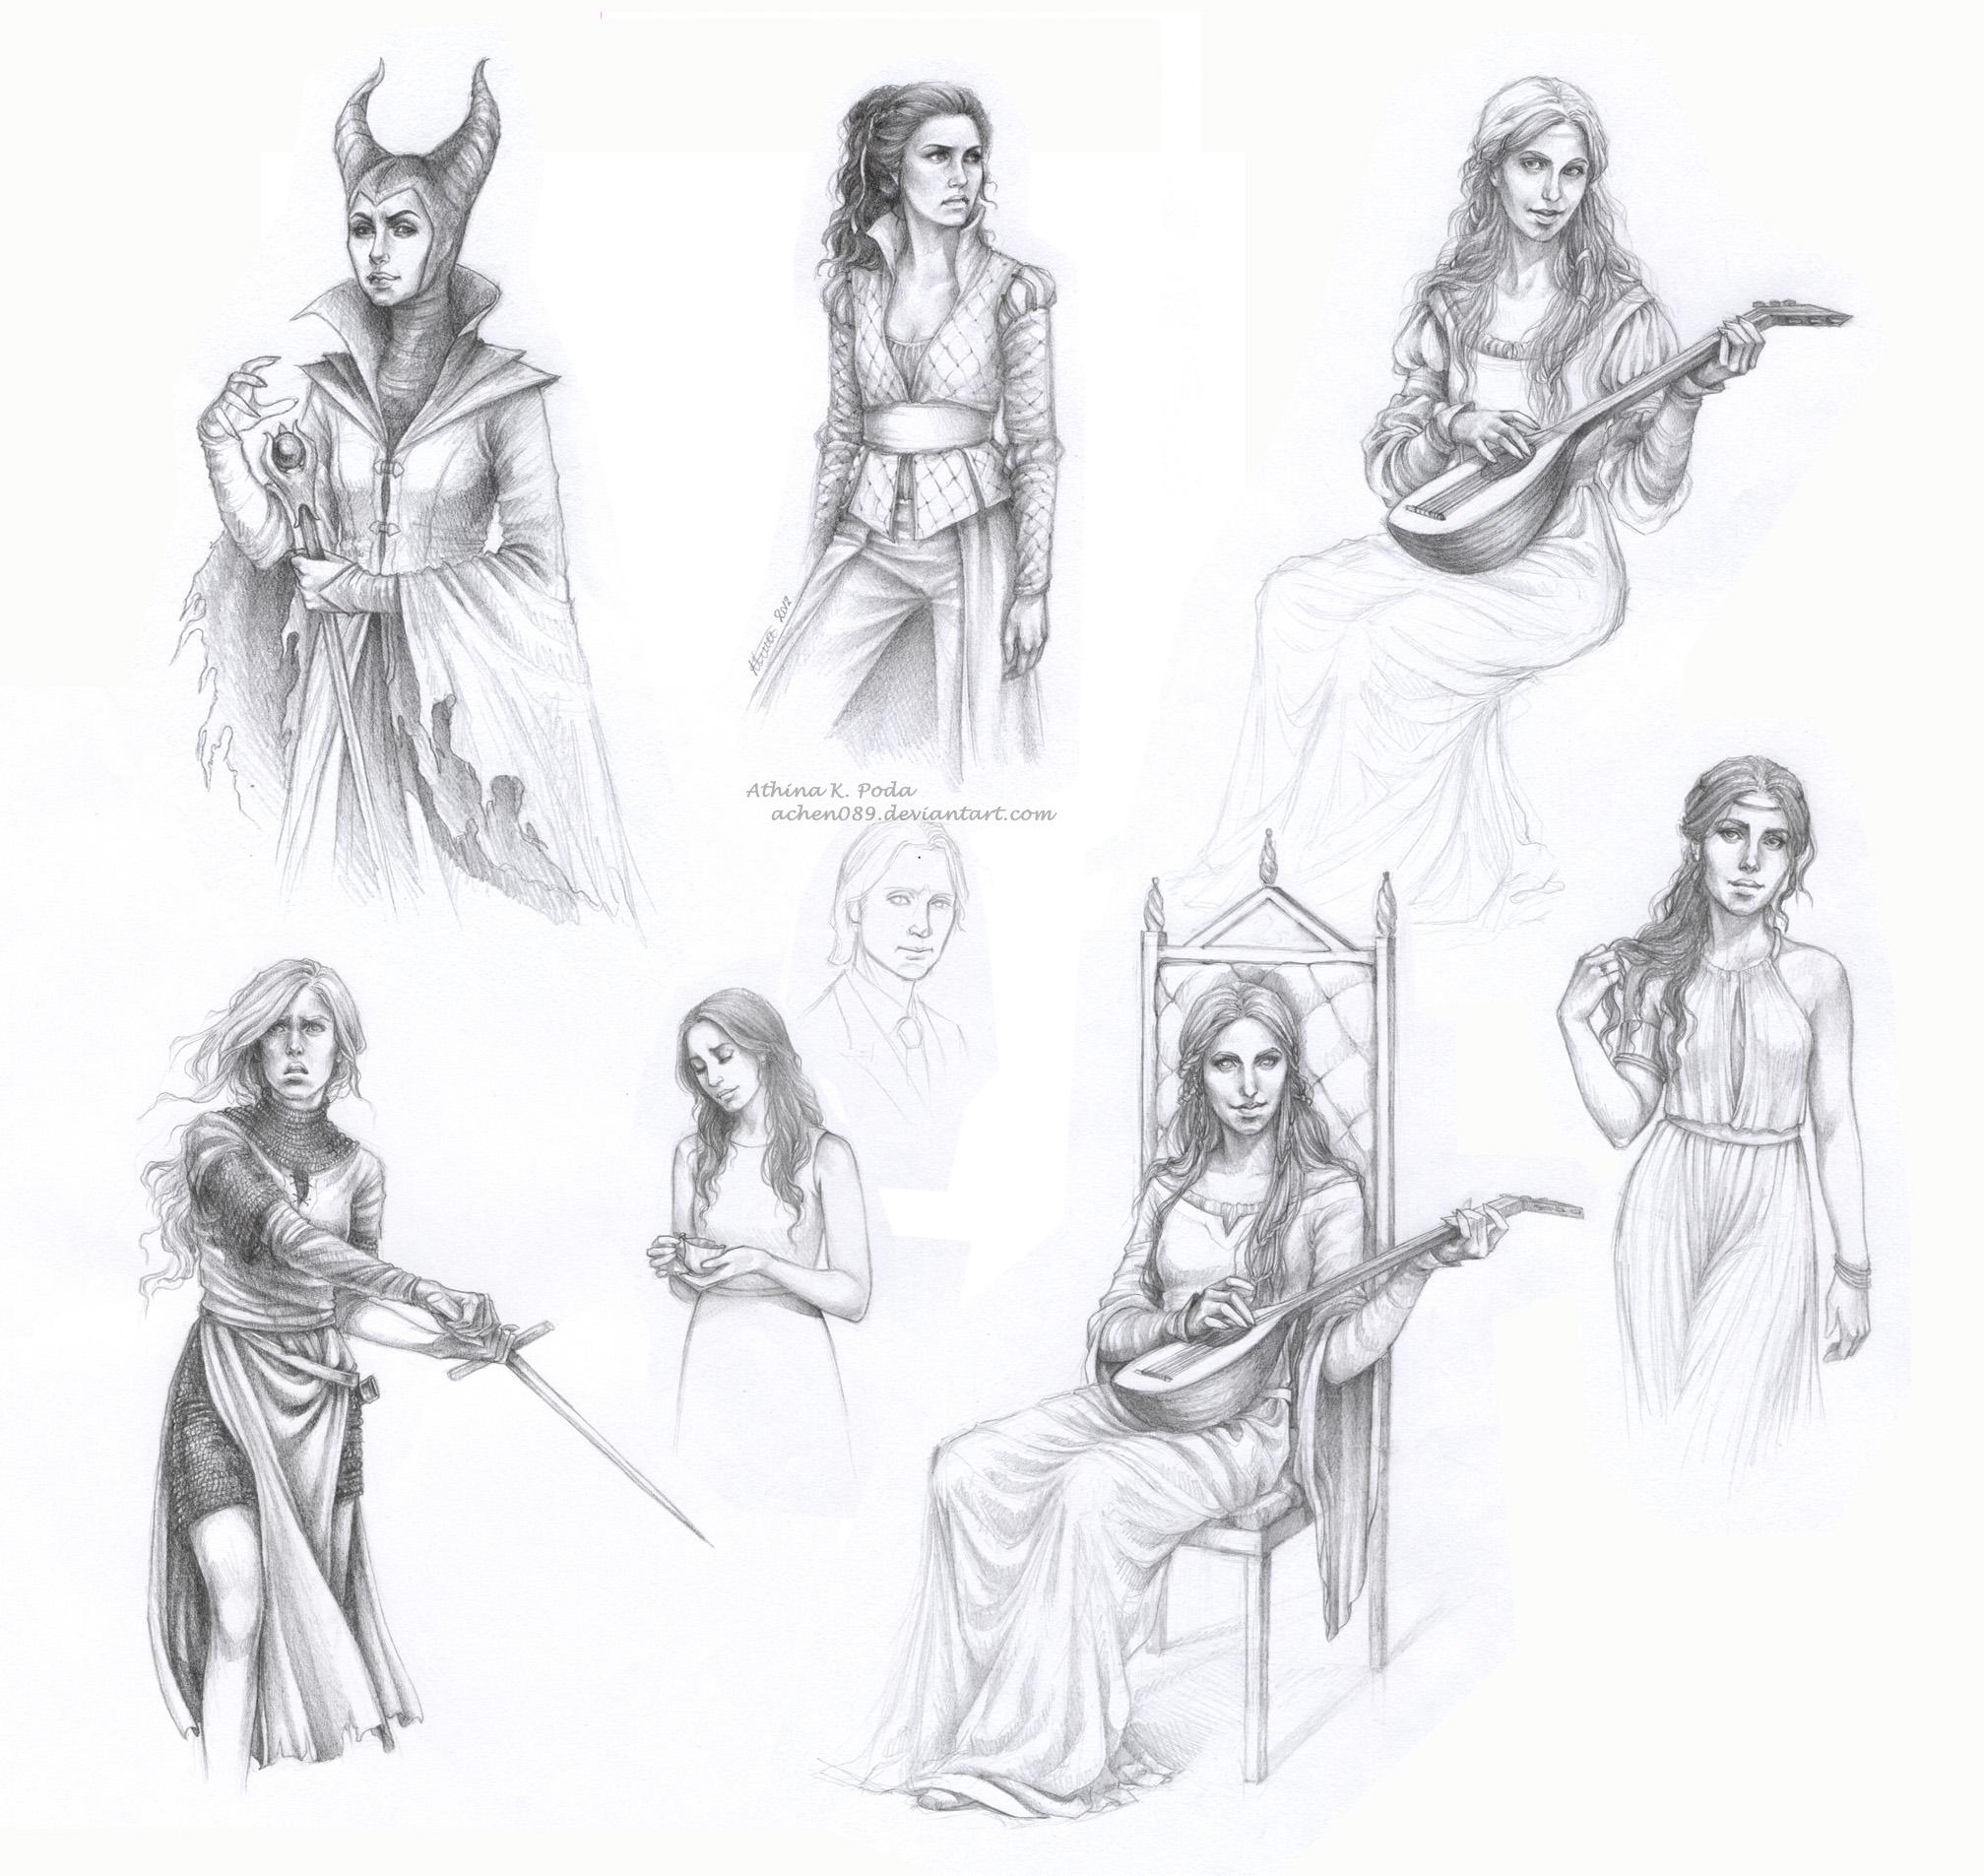 Sketches by Achen089